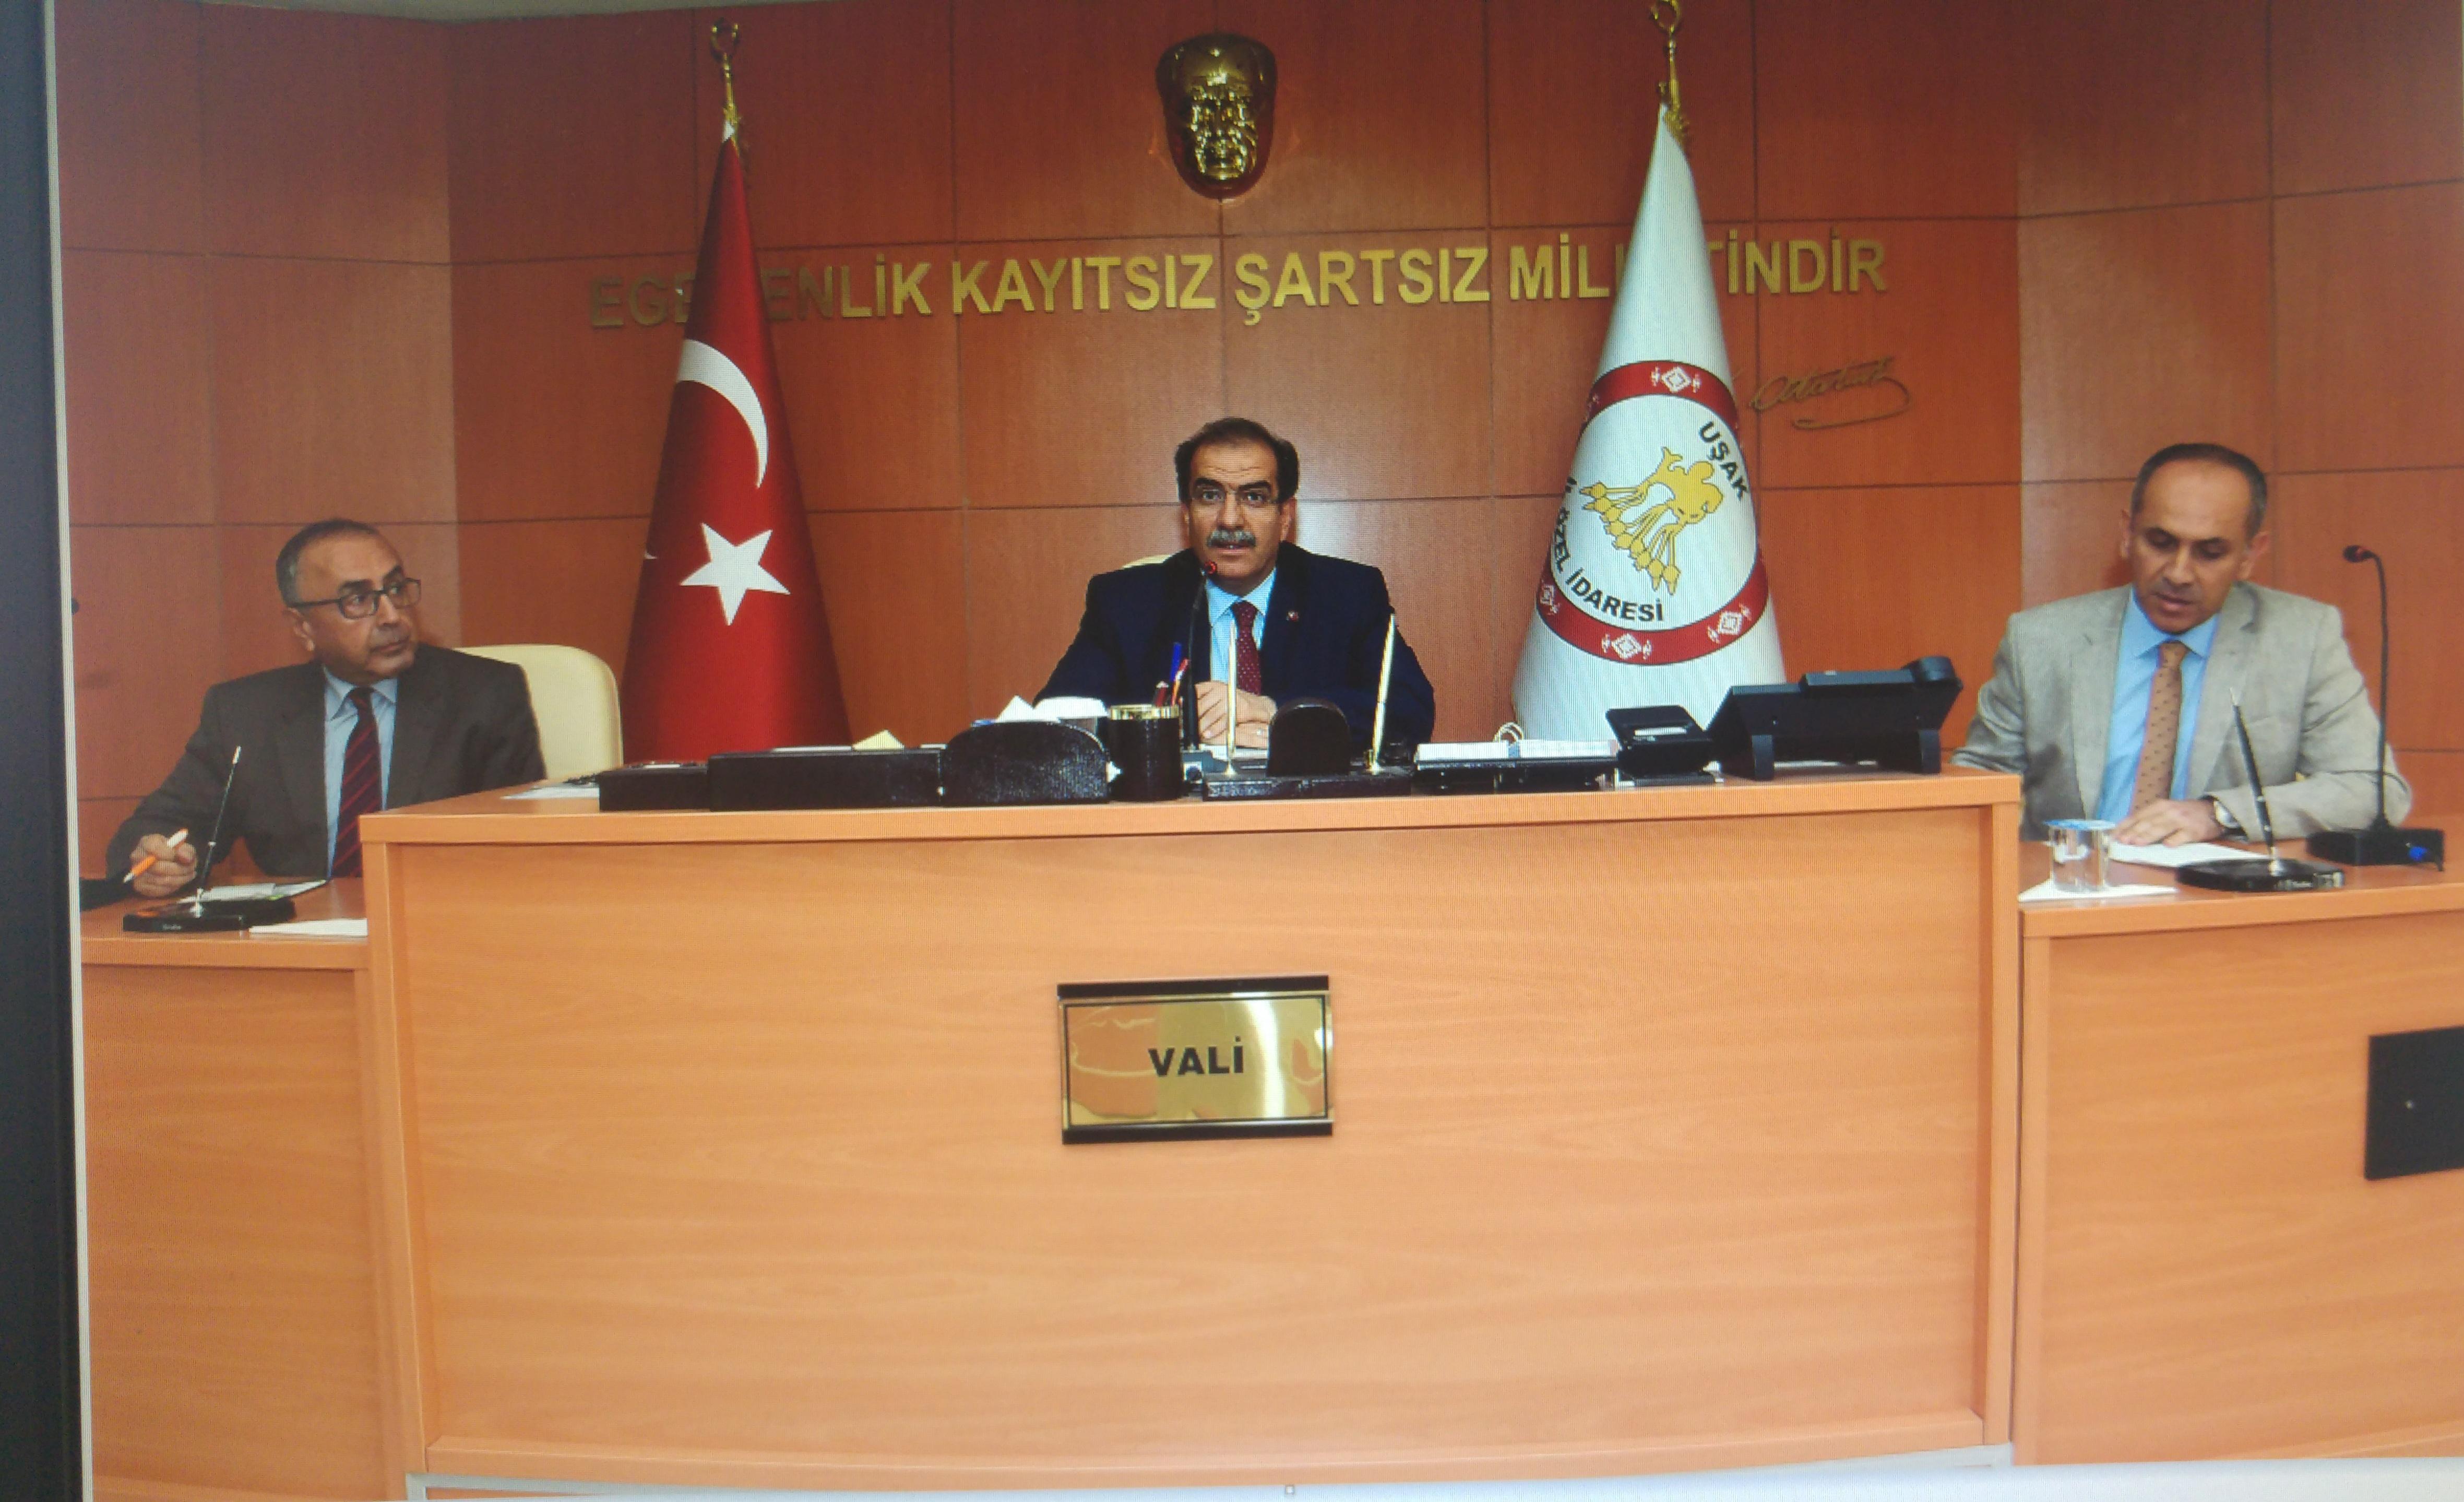 İmar Barışı Kanunu Bilgilendirme Toplantısı Sayın Valimiz Salim Demir, Başkanlığında Gerçekleştirildi.